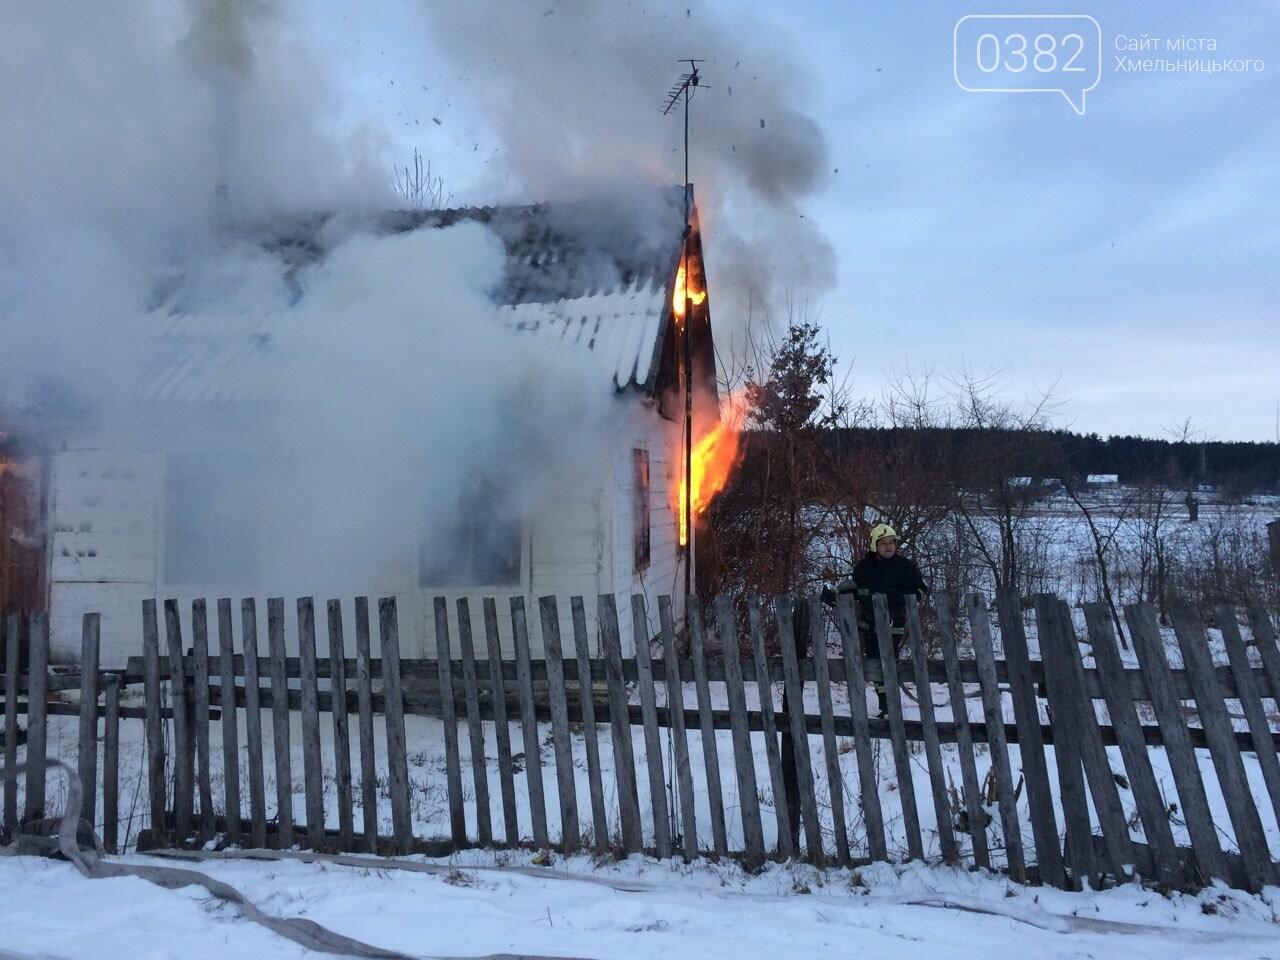 Трагедія на Хмельниччині: у власному будинку згоріла жінка. ФОТО, фото-1